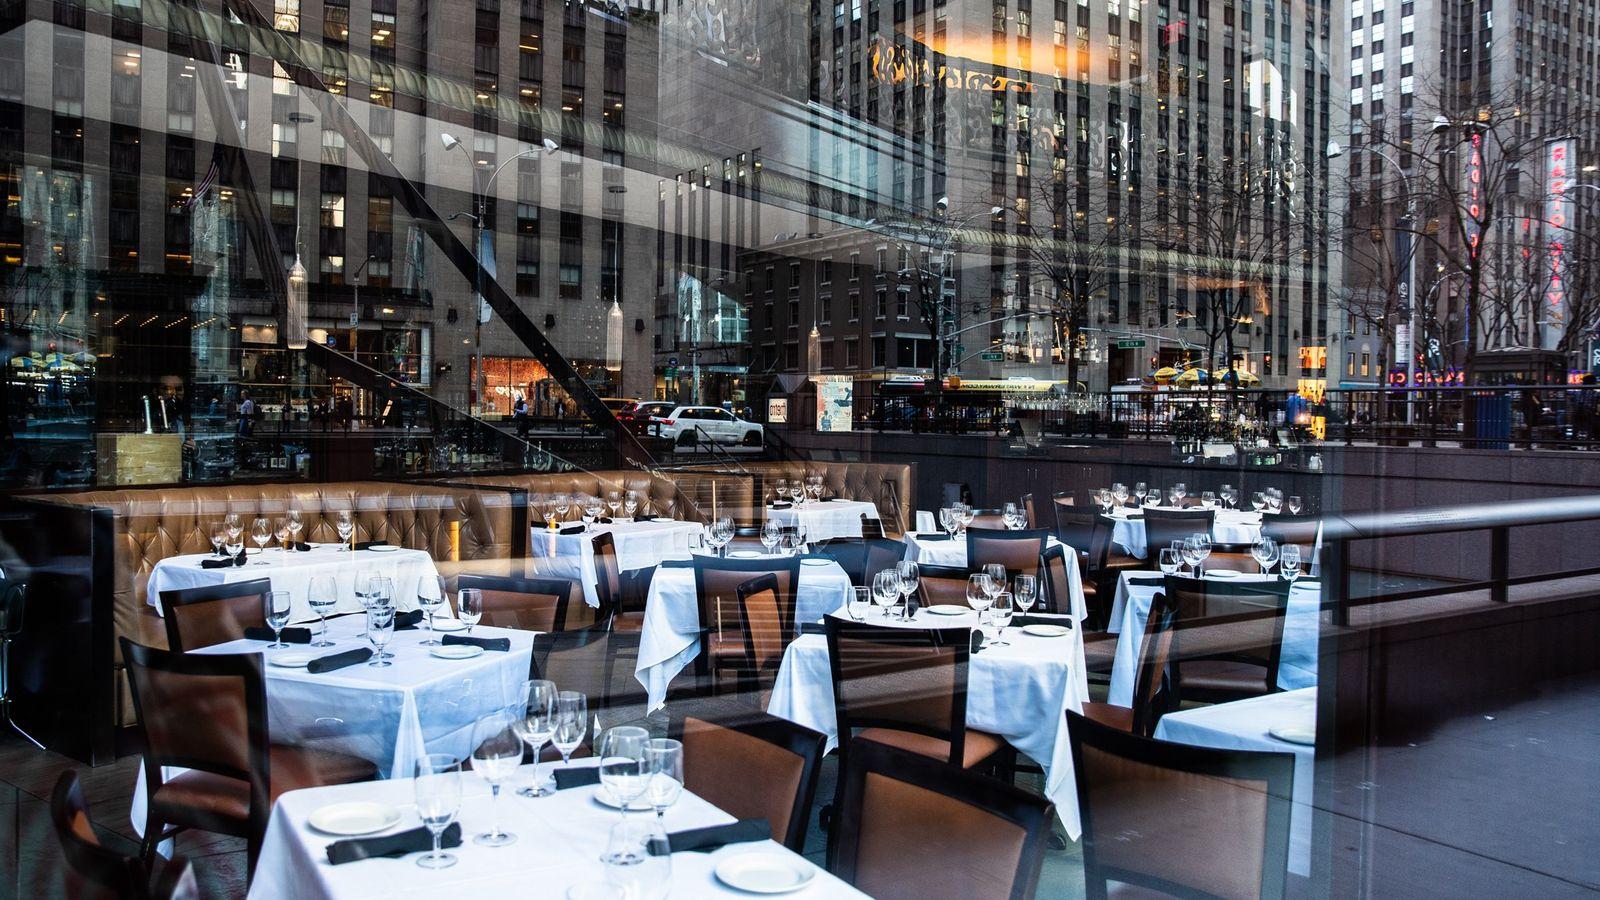 Restaurante vacío el 13 de marzo de 2020 en la ciudad de Nueva York.